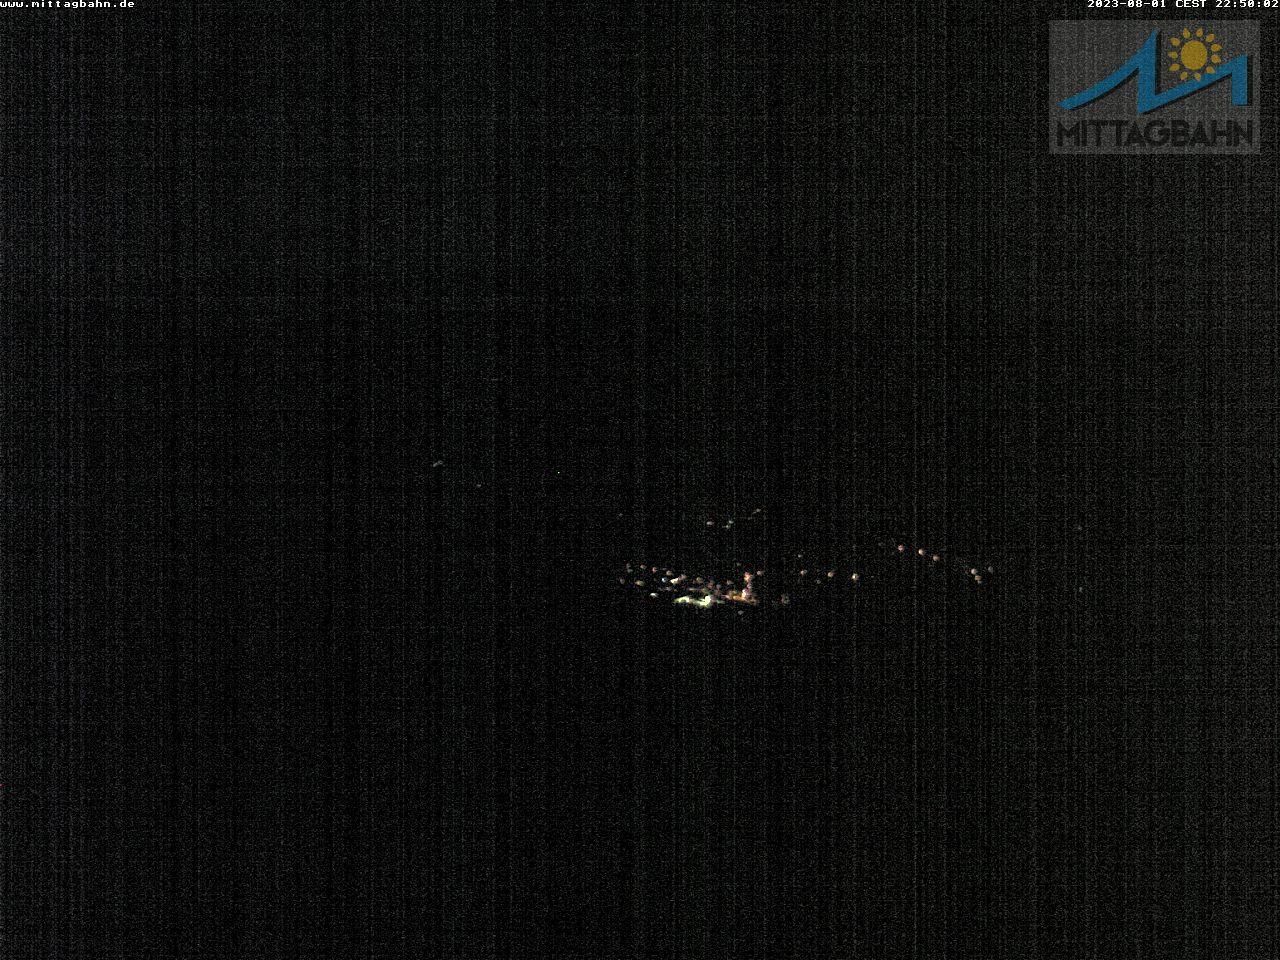 Webcam Skigebied Immenstadt - Mittag cam 8 - Allg�uer Alpen